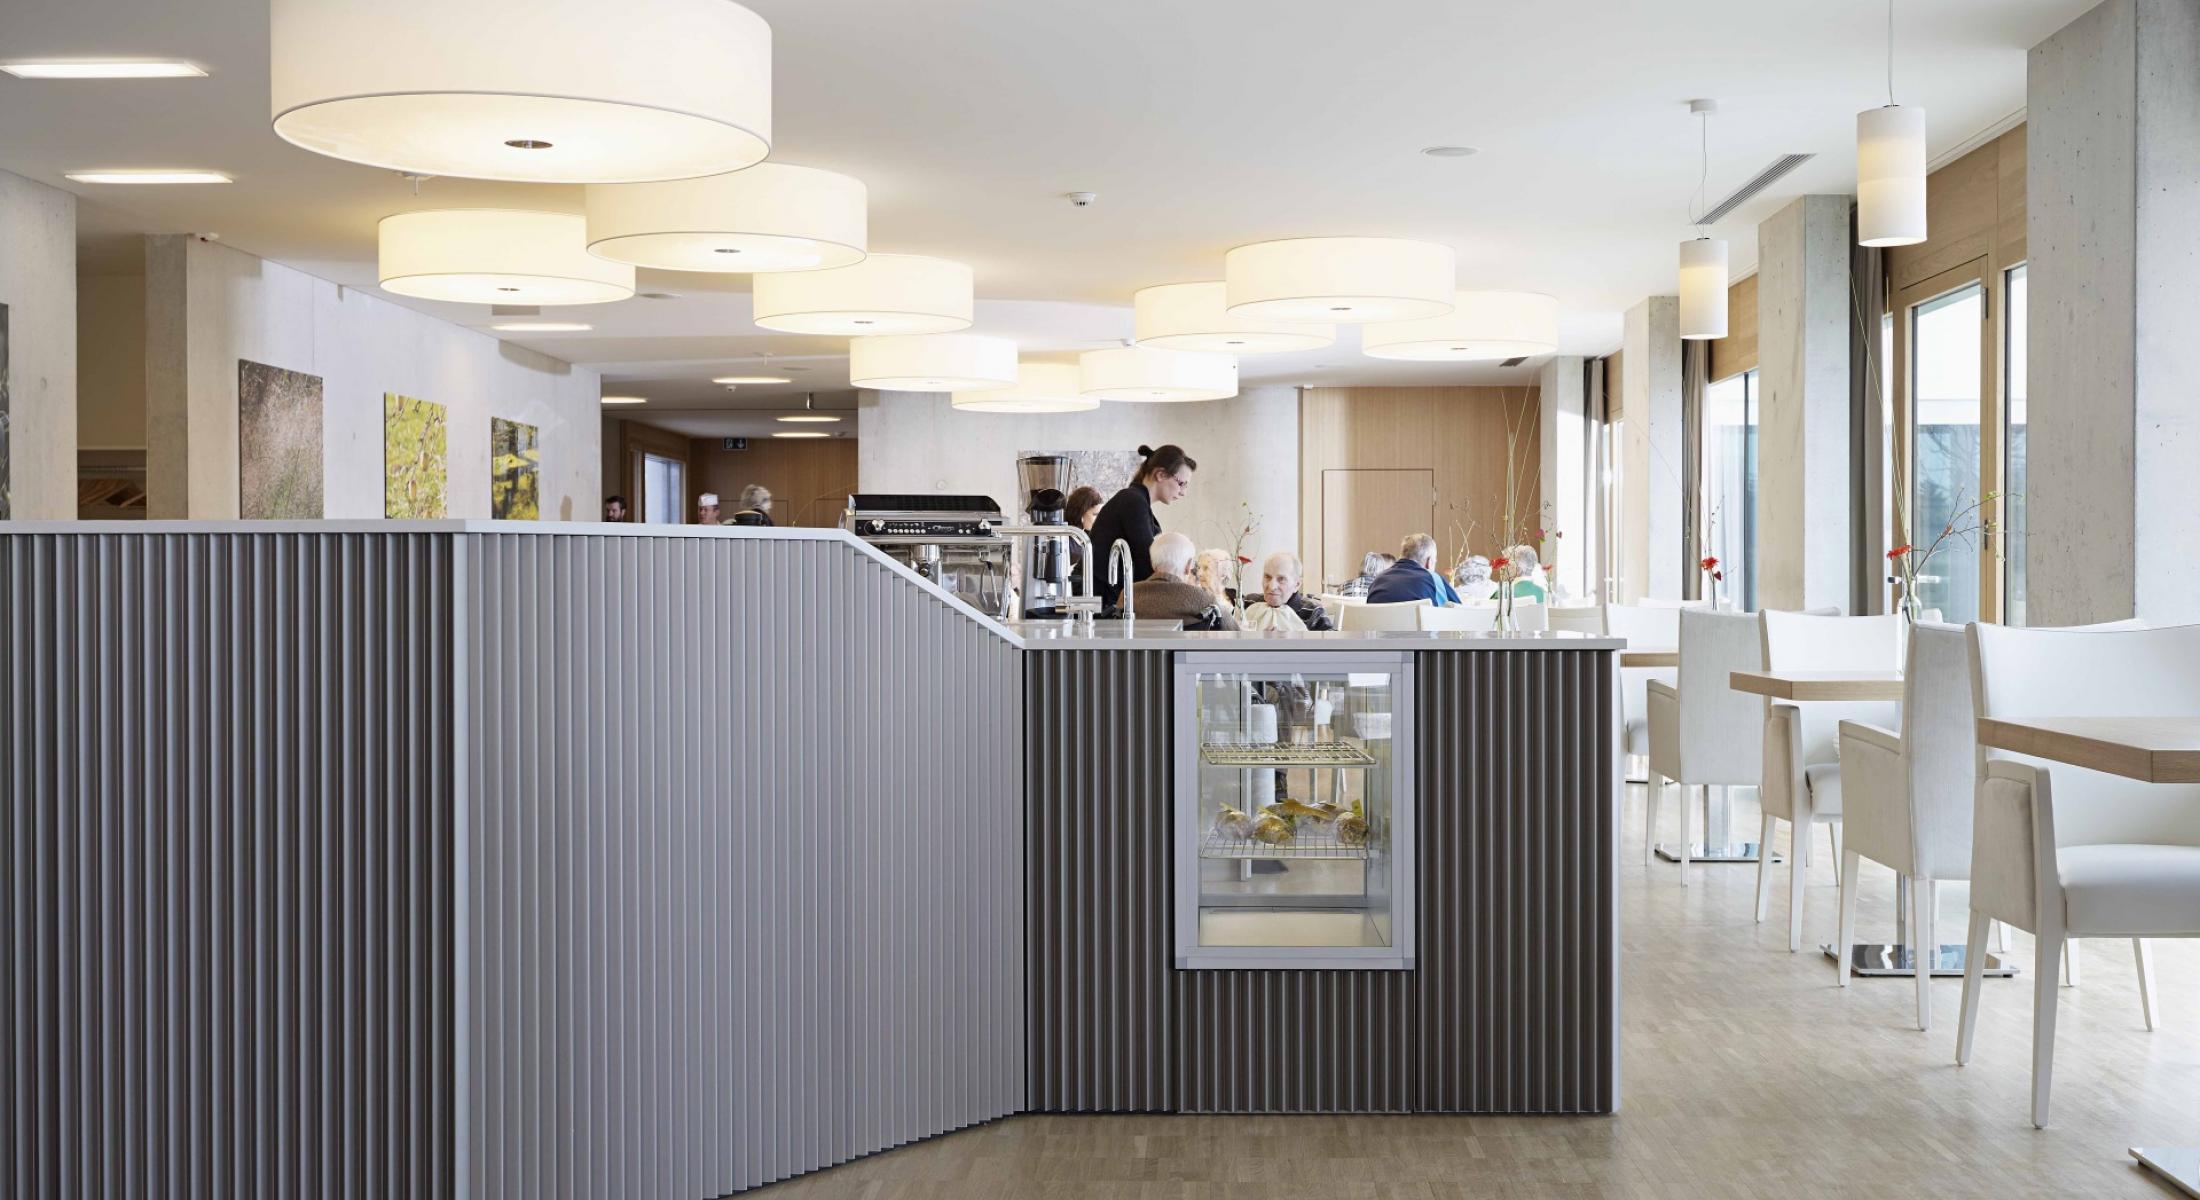 Creating Hospitality - Residence La Girande Epalinges 1 - Suisse_4